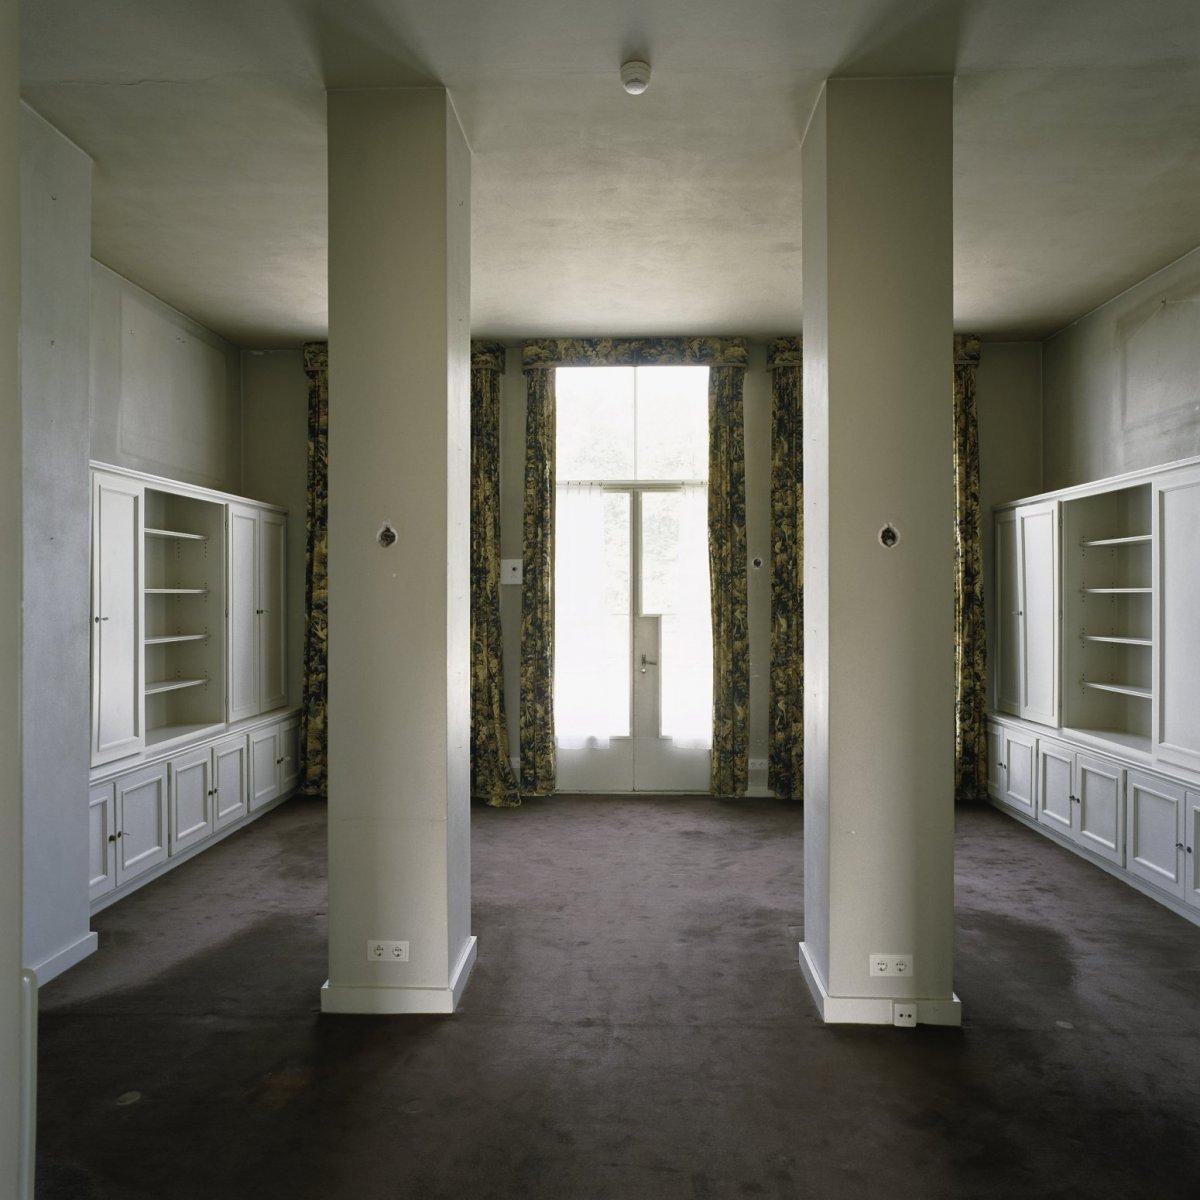 Bestand:Interieur, overzicht van de werkkamer van Zijn Koninklijke ...